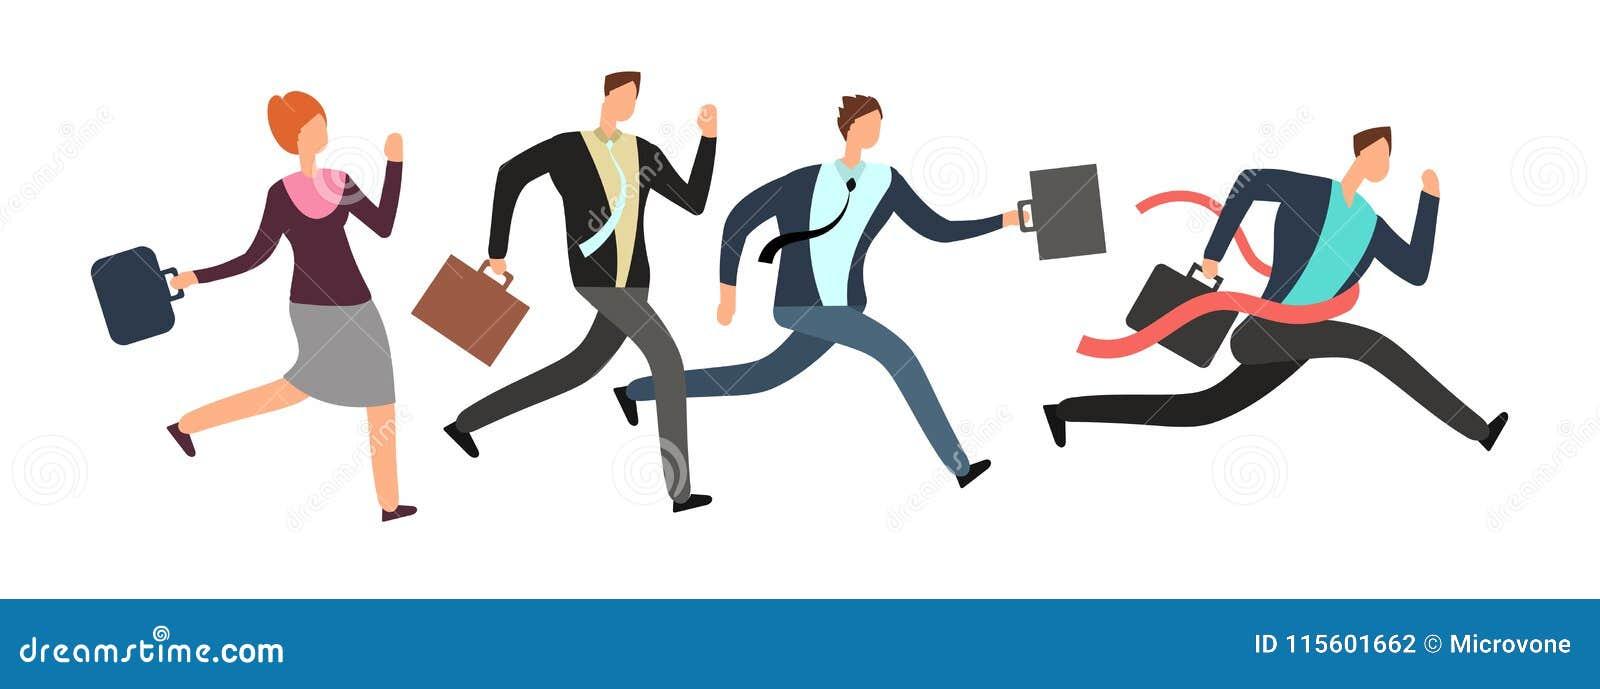 Επιχειρηματίες που τρέχουν με τον ηγέτη που διασχίζει τη γραμμή τερματισμού Διανυσματική έννοια ομαδικής εργασίας και ηγεσίας